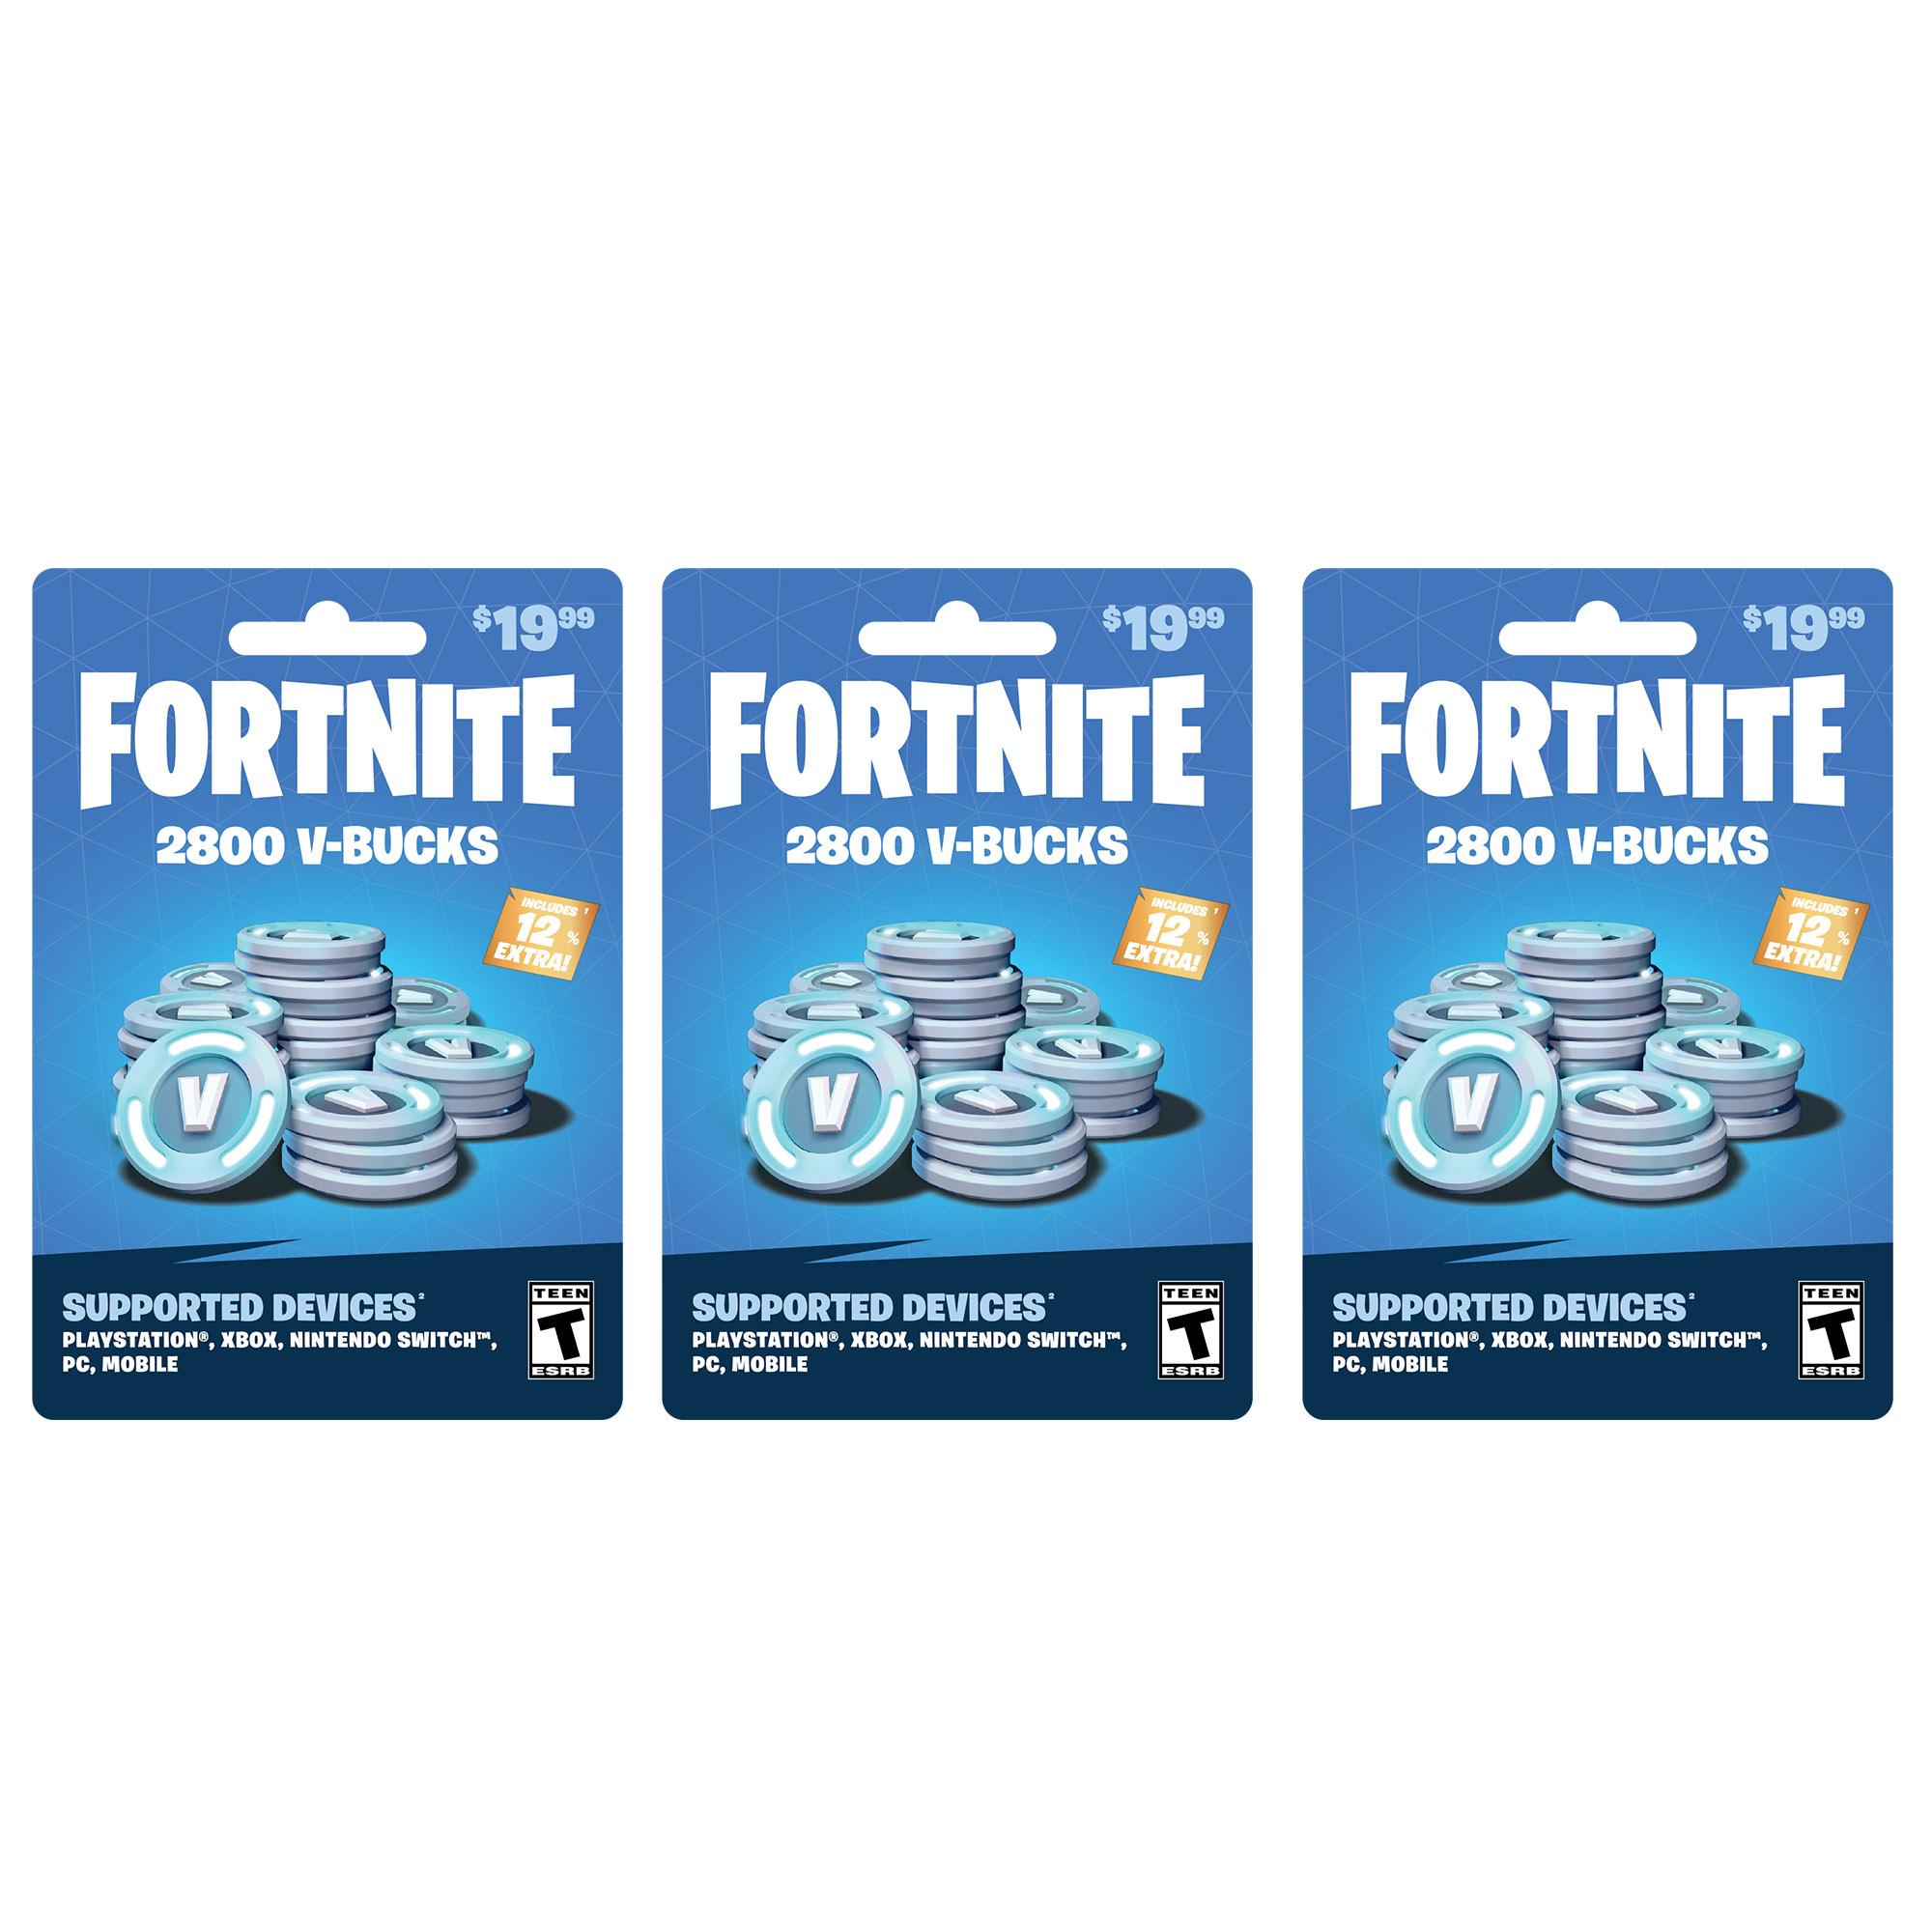 Fortnite Gift Card Online